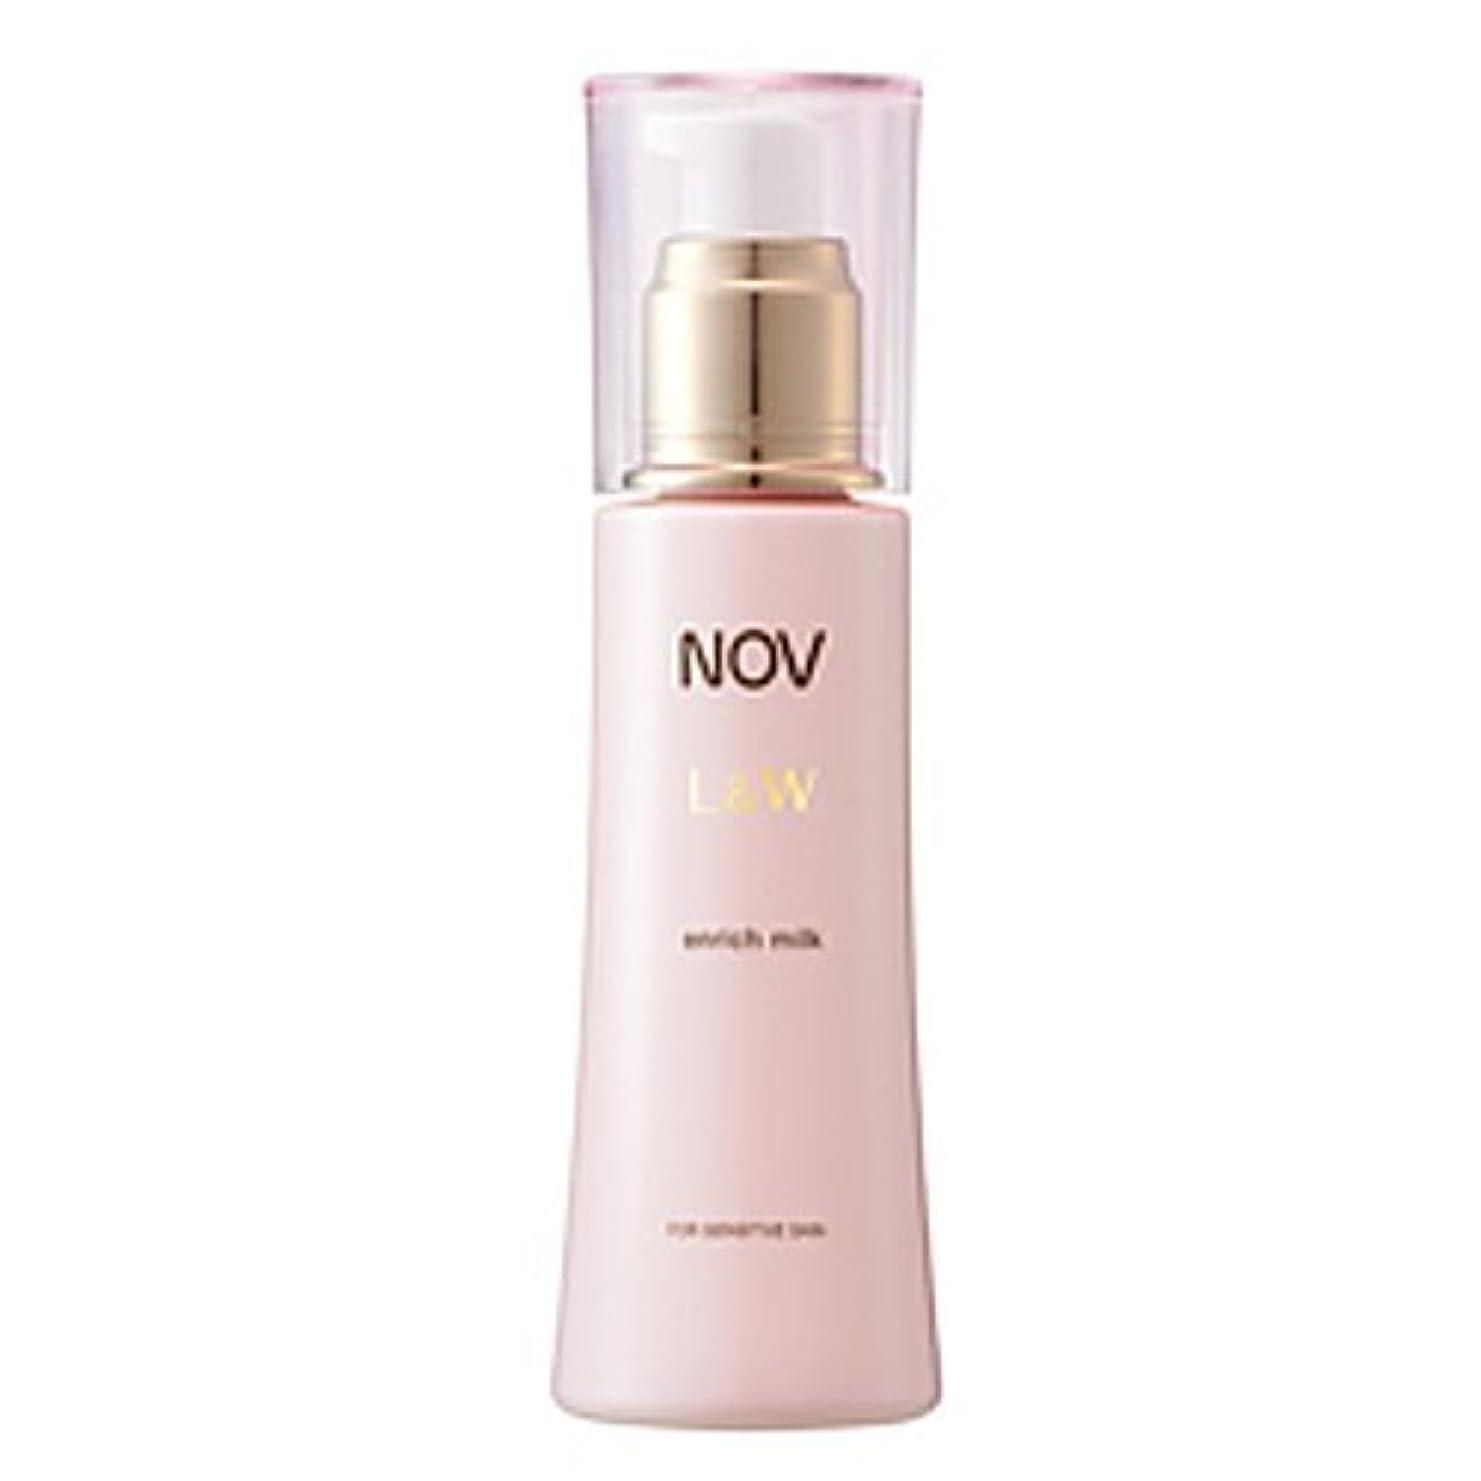 噴出する第三項目NOV(ノブ) L&W  エンリッチミルク(医薬部外品)<80ml>